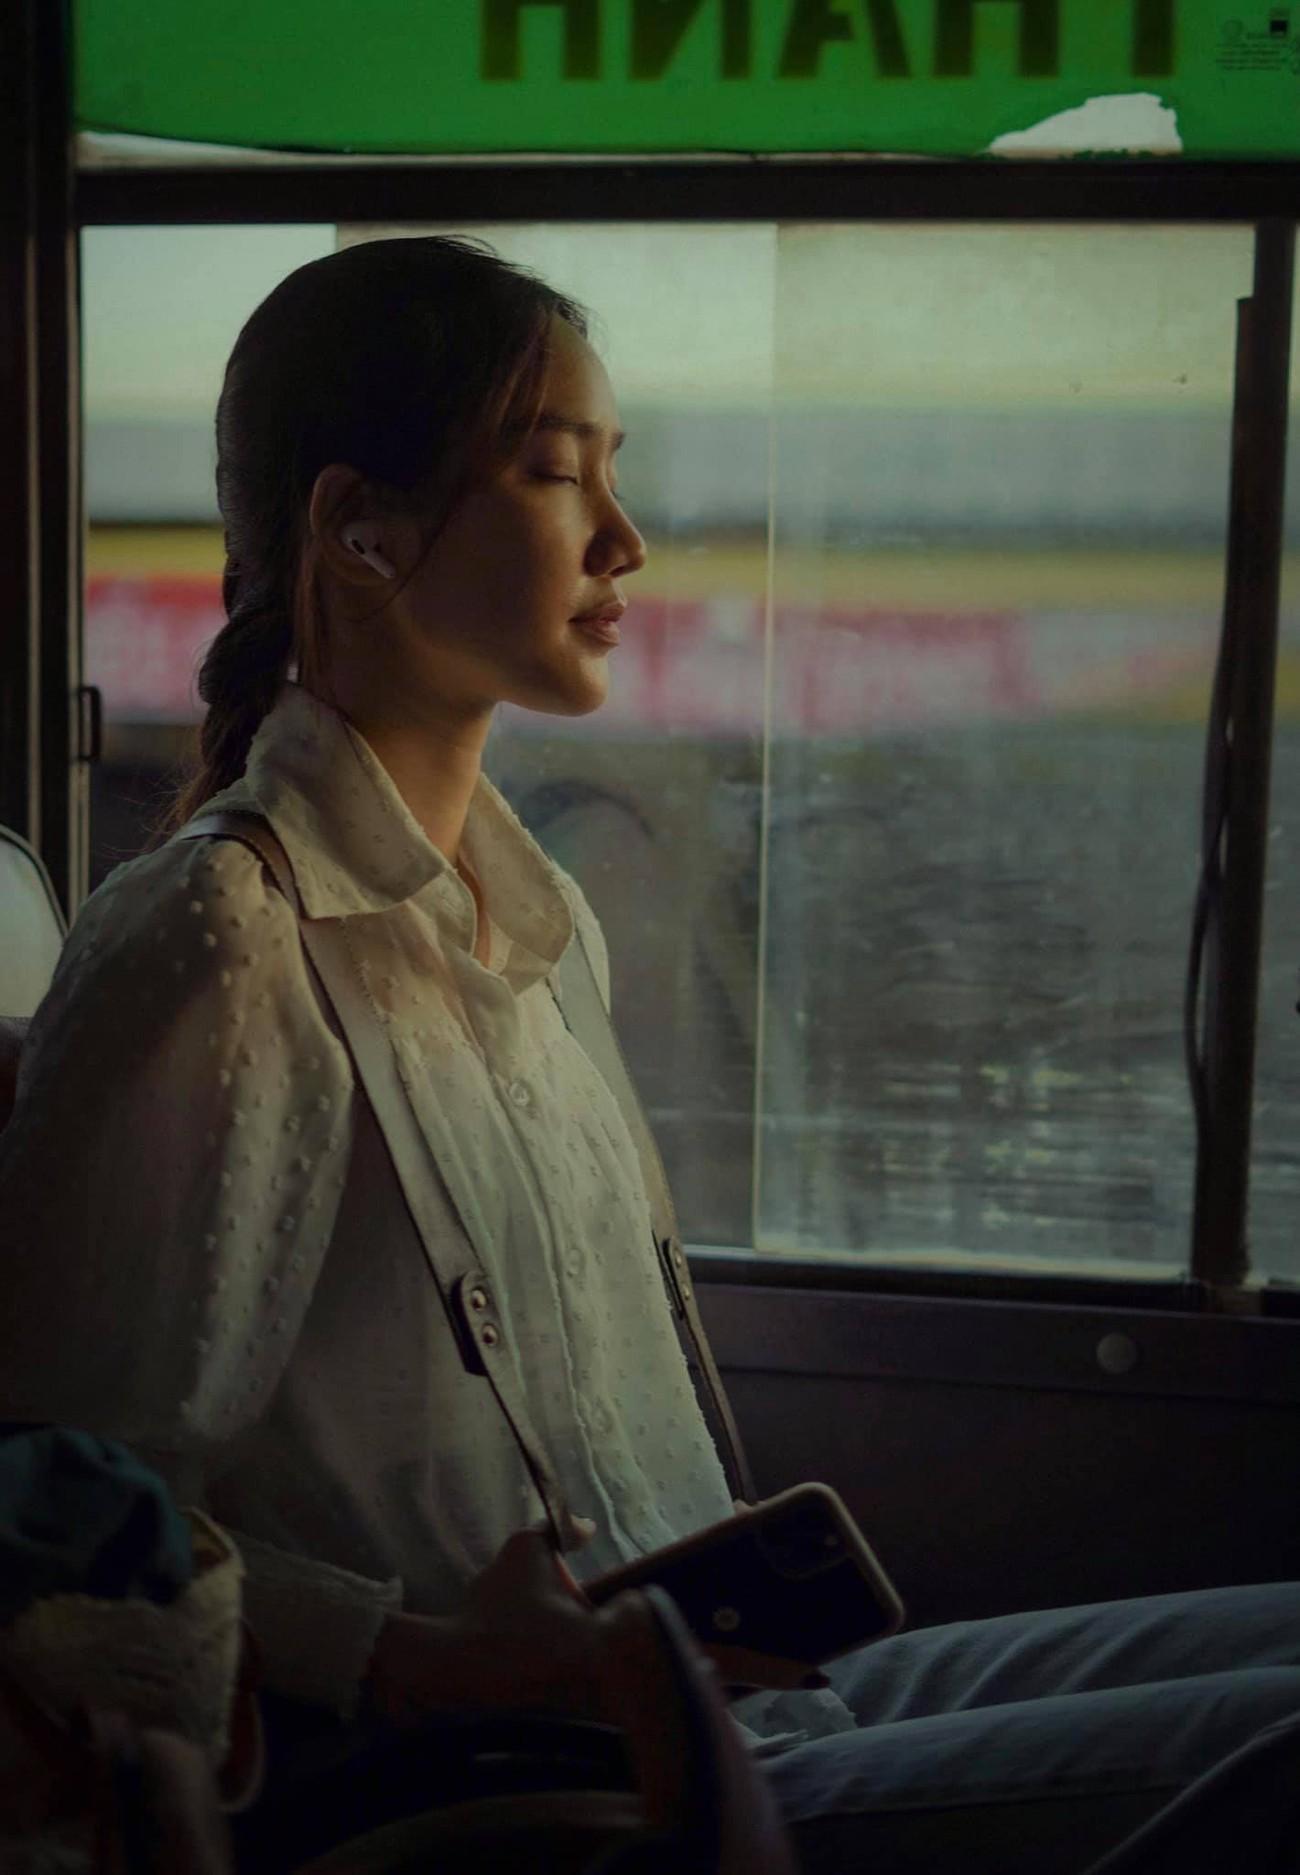 Khoảnh khắc đẹp hút hồn của cô nàng có 'Gương mặt đẹp nhất' Hoa hậu Việt Nam 2018 ảnh 3